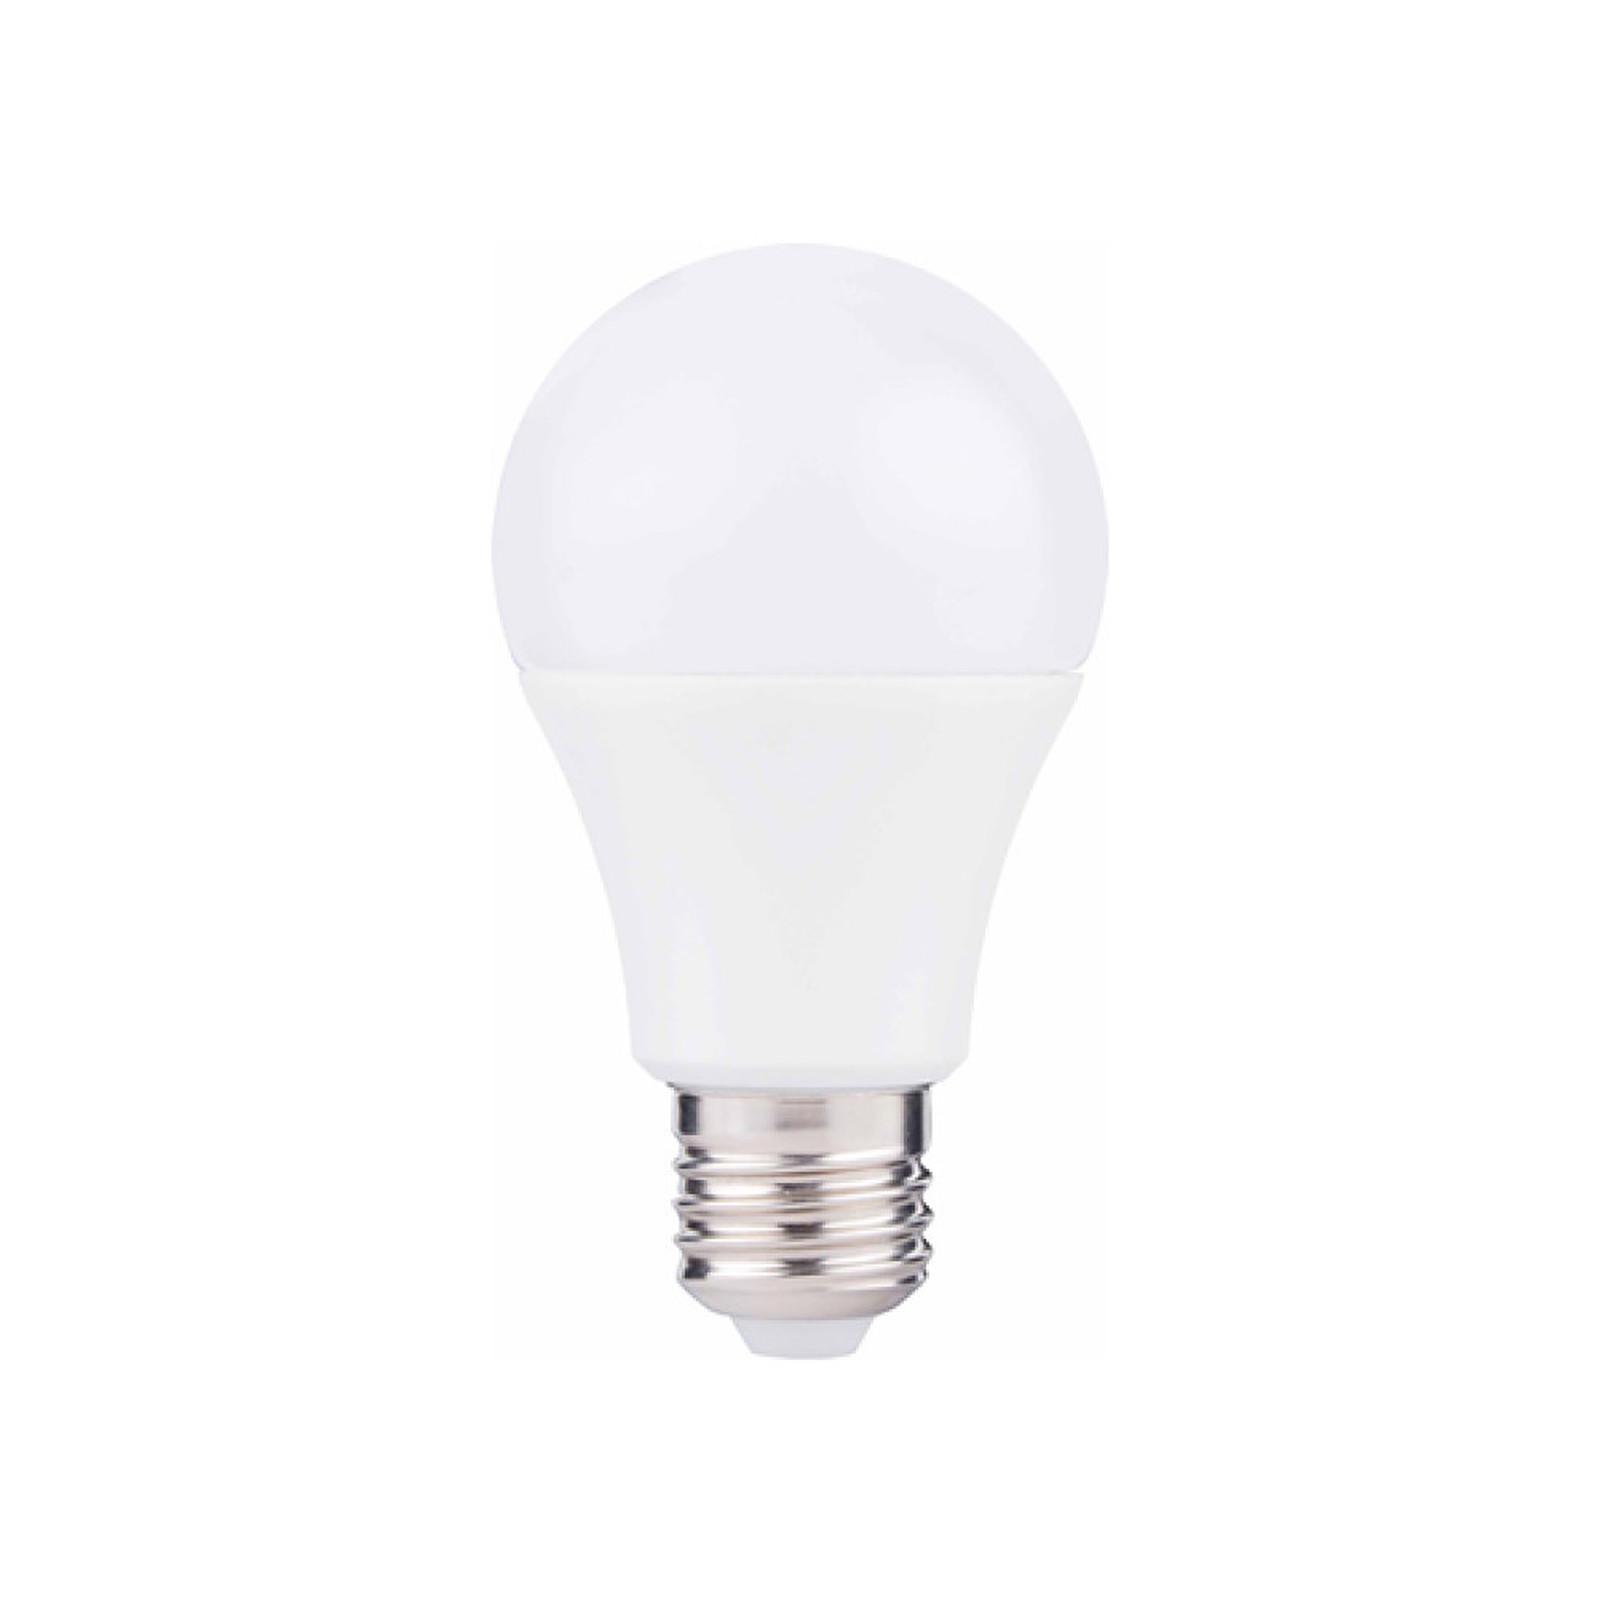 FamilyLed Ampoule Led 15w Blanc Naturel FAM_A70154A